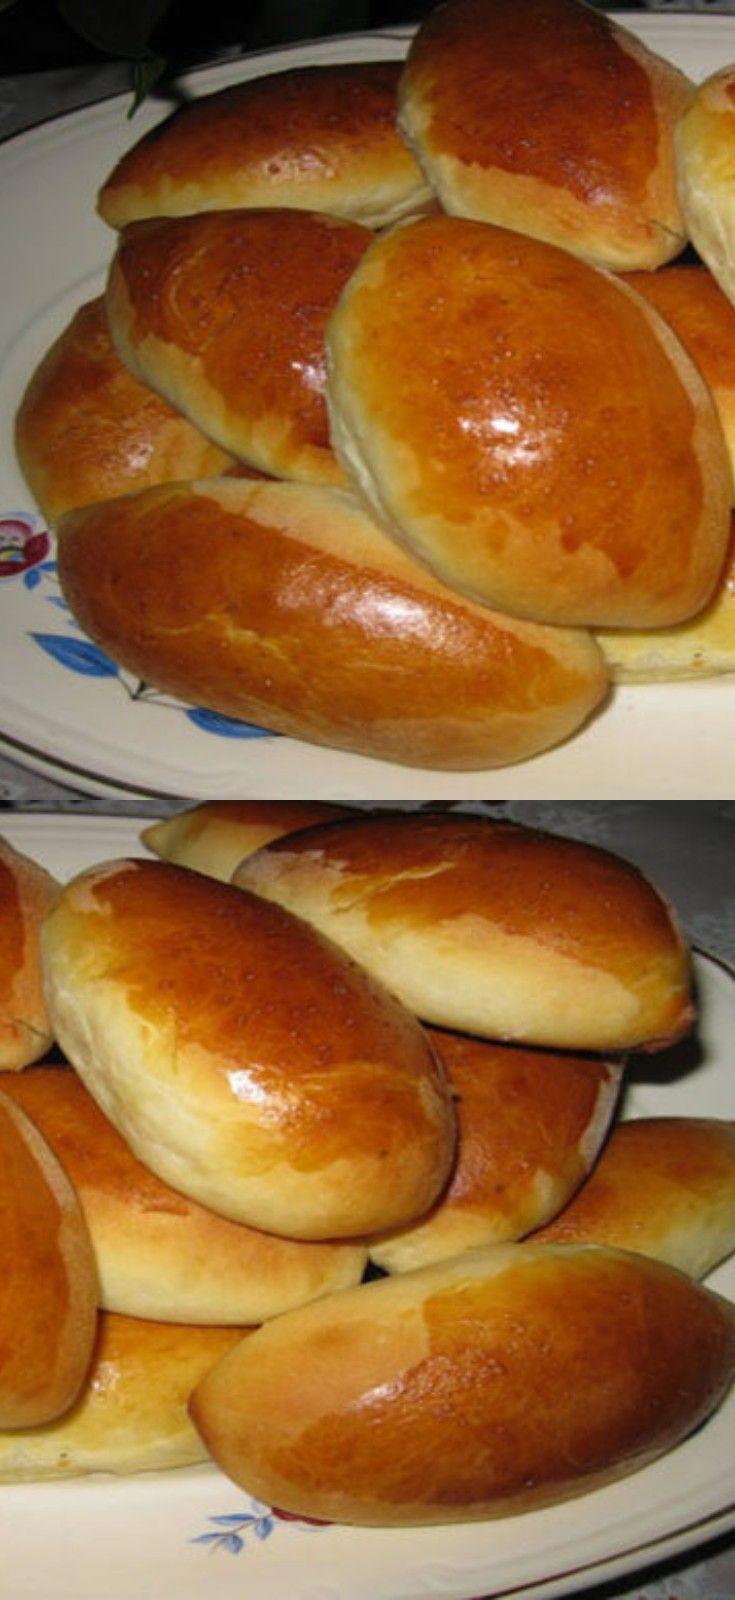 Ochen Vkusnye Pirozhki V Duhovke Nachinka Lyubaya Testo Prosto Obaldennoe Ochen Myagkoe Cooking Recipes Food And Drink Yummy Food